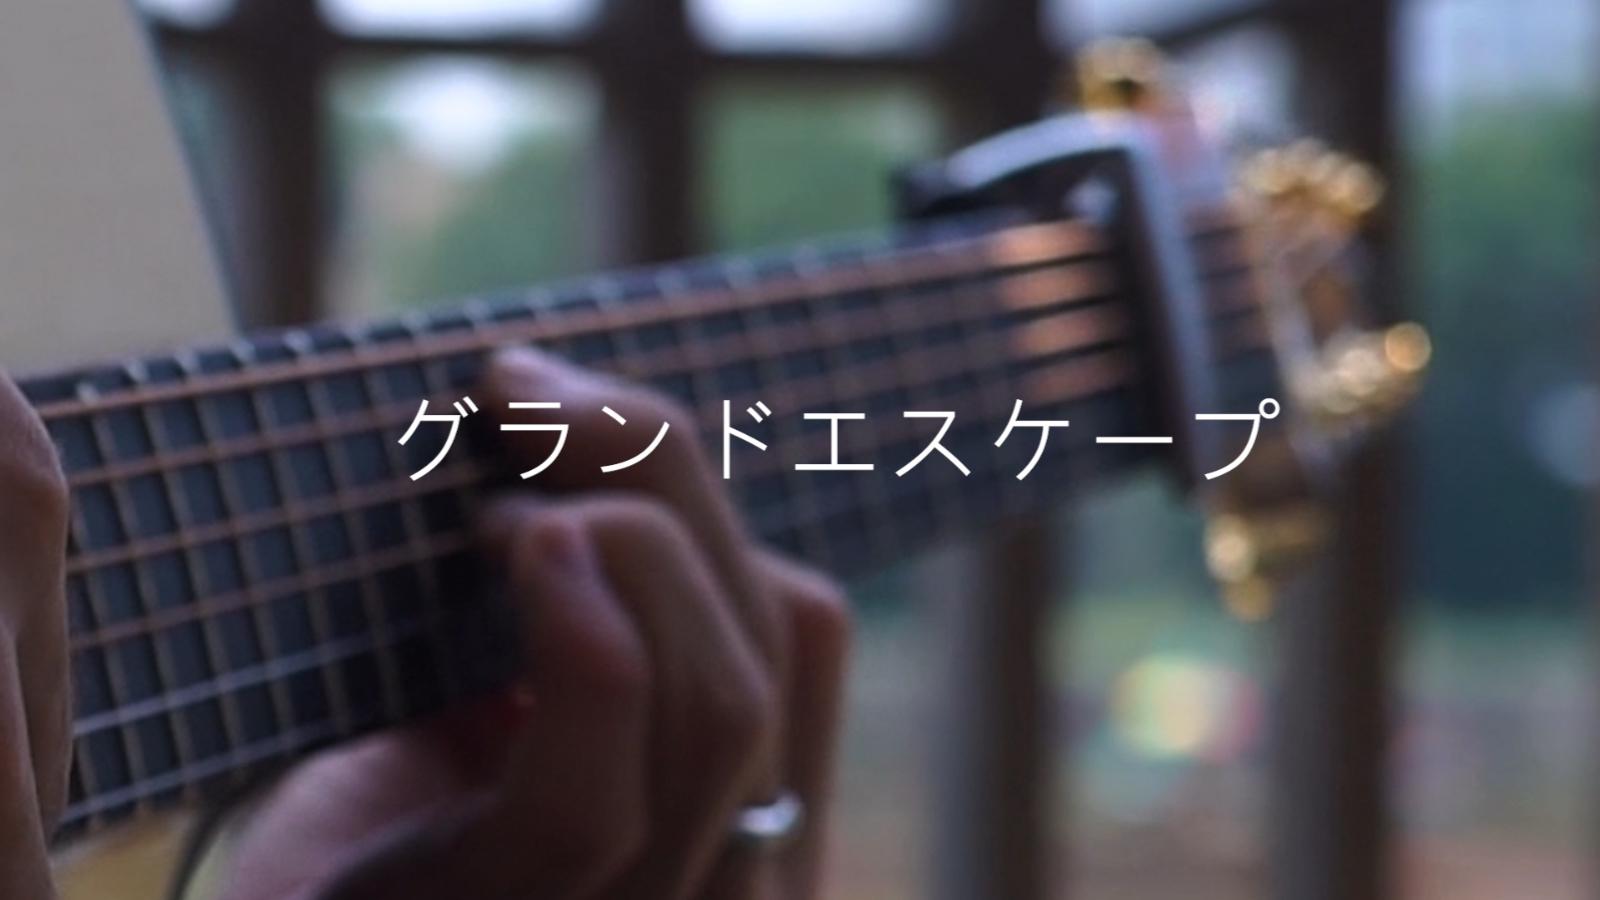 天气之子主题曲 -「グランドエスケープ」- 带你体验不一样的版本 - 木吉他 - 指弹